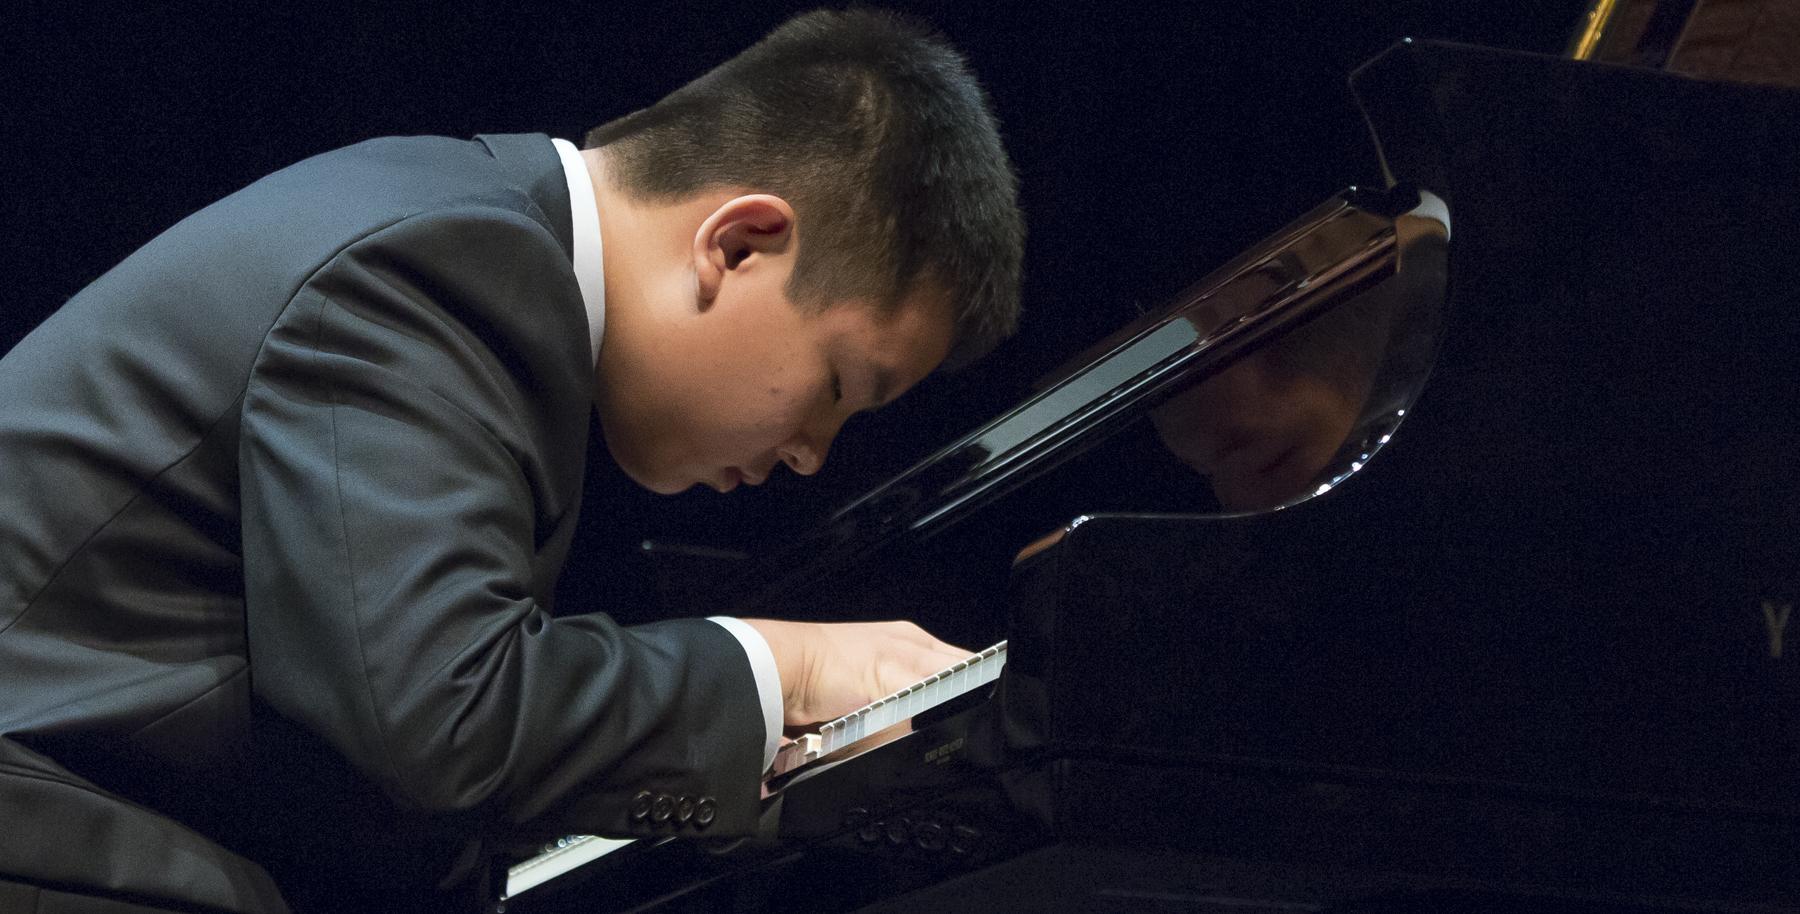 2016 NJOC Kevin Tang